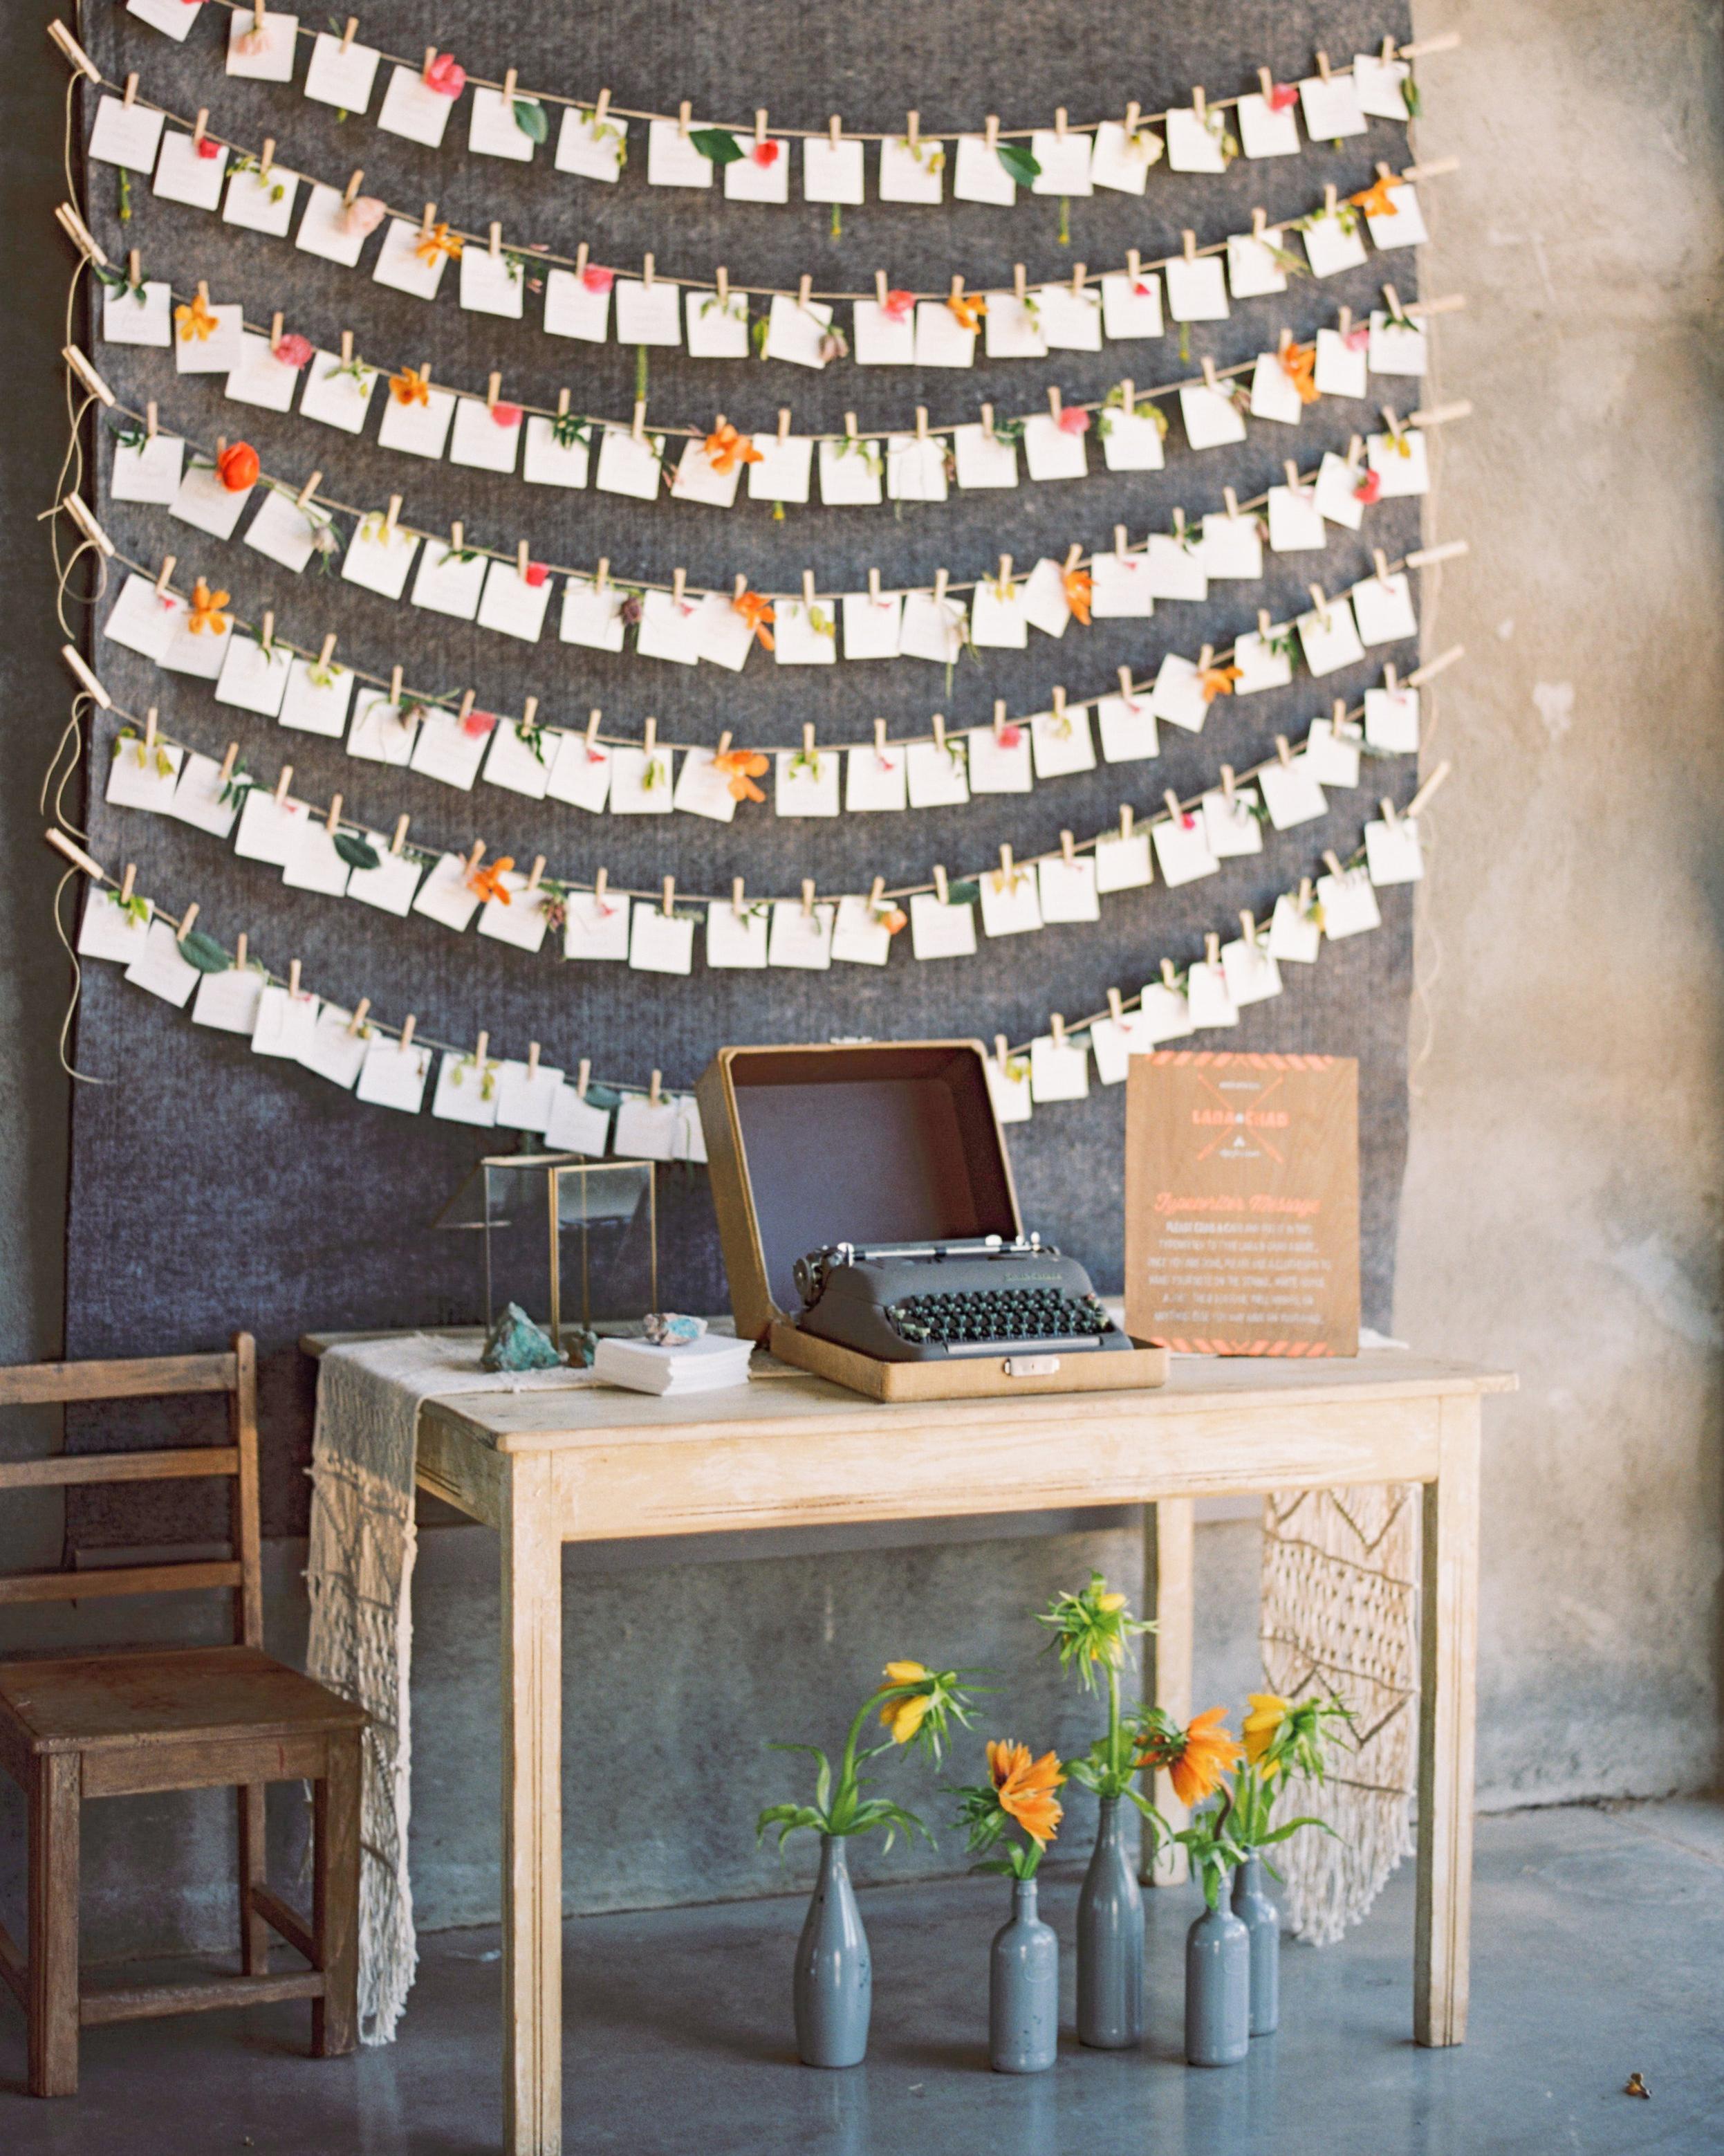 lara-chad-wedding-typewriter-213-s112306-1115.jpg